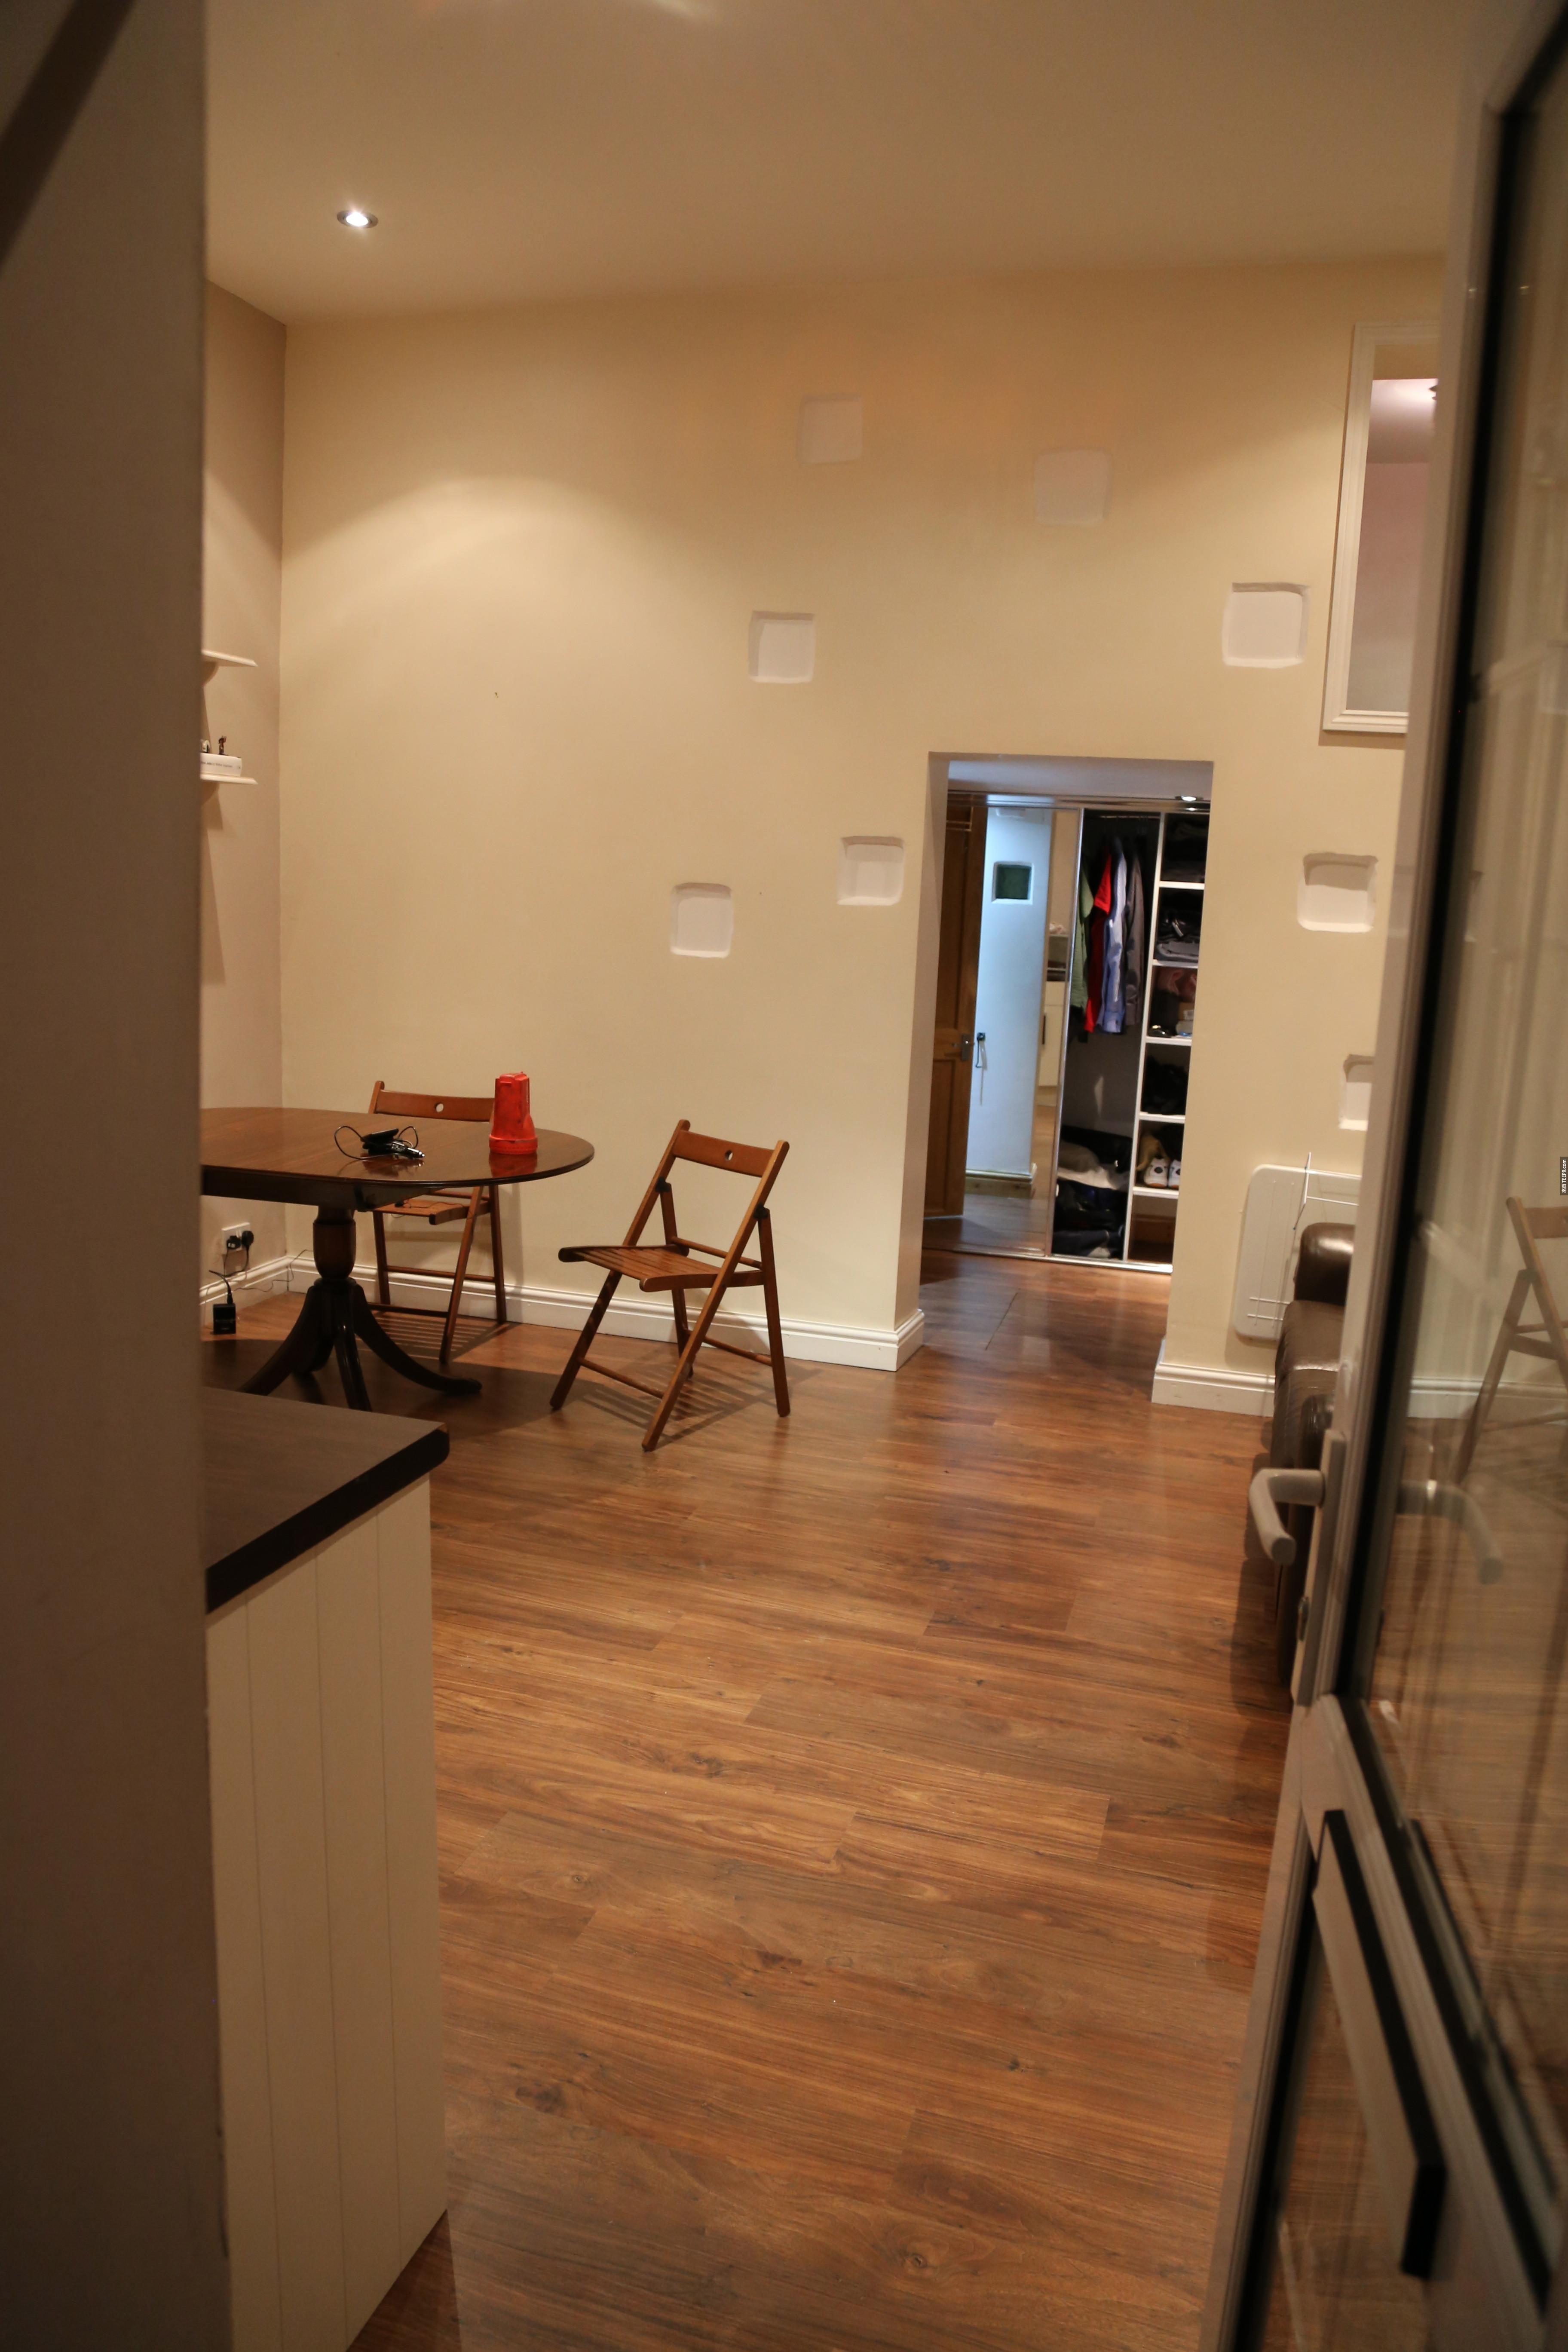 這個公寓裡面裝潢的都很現代,看起來沒有什麼異樣。